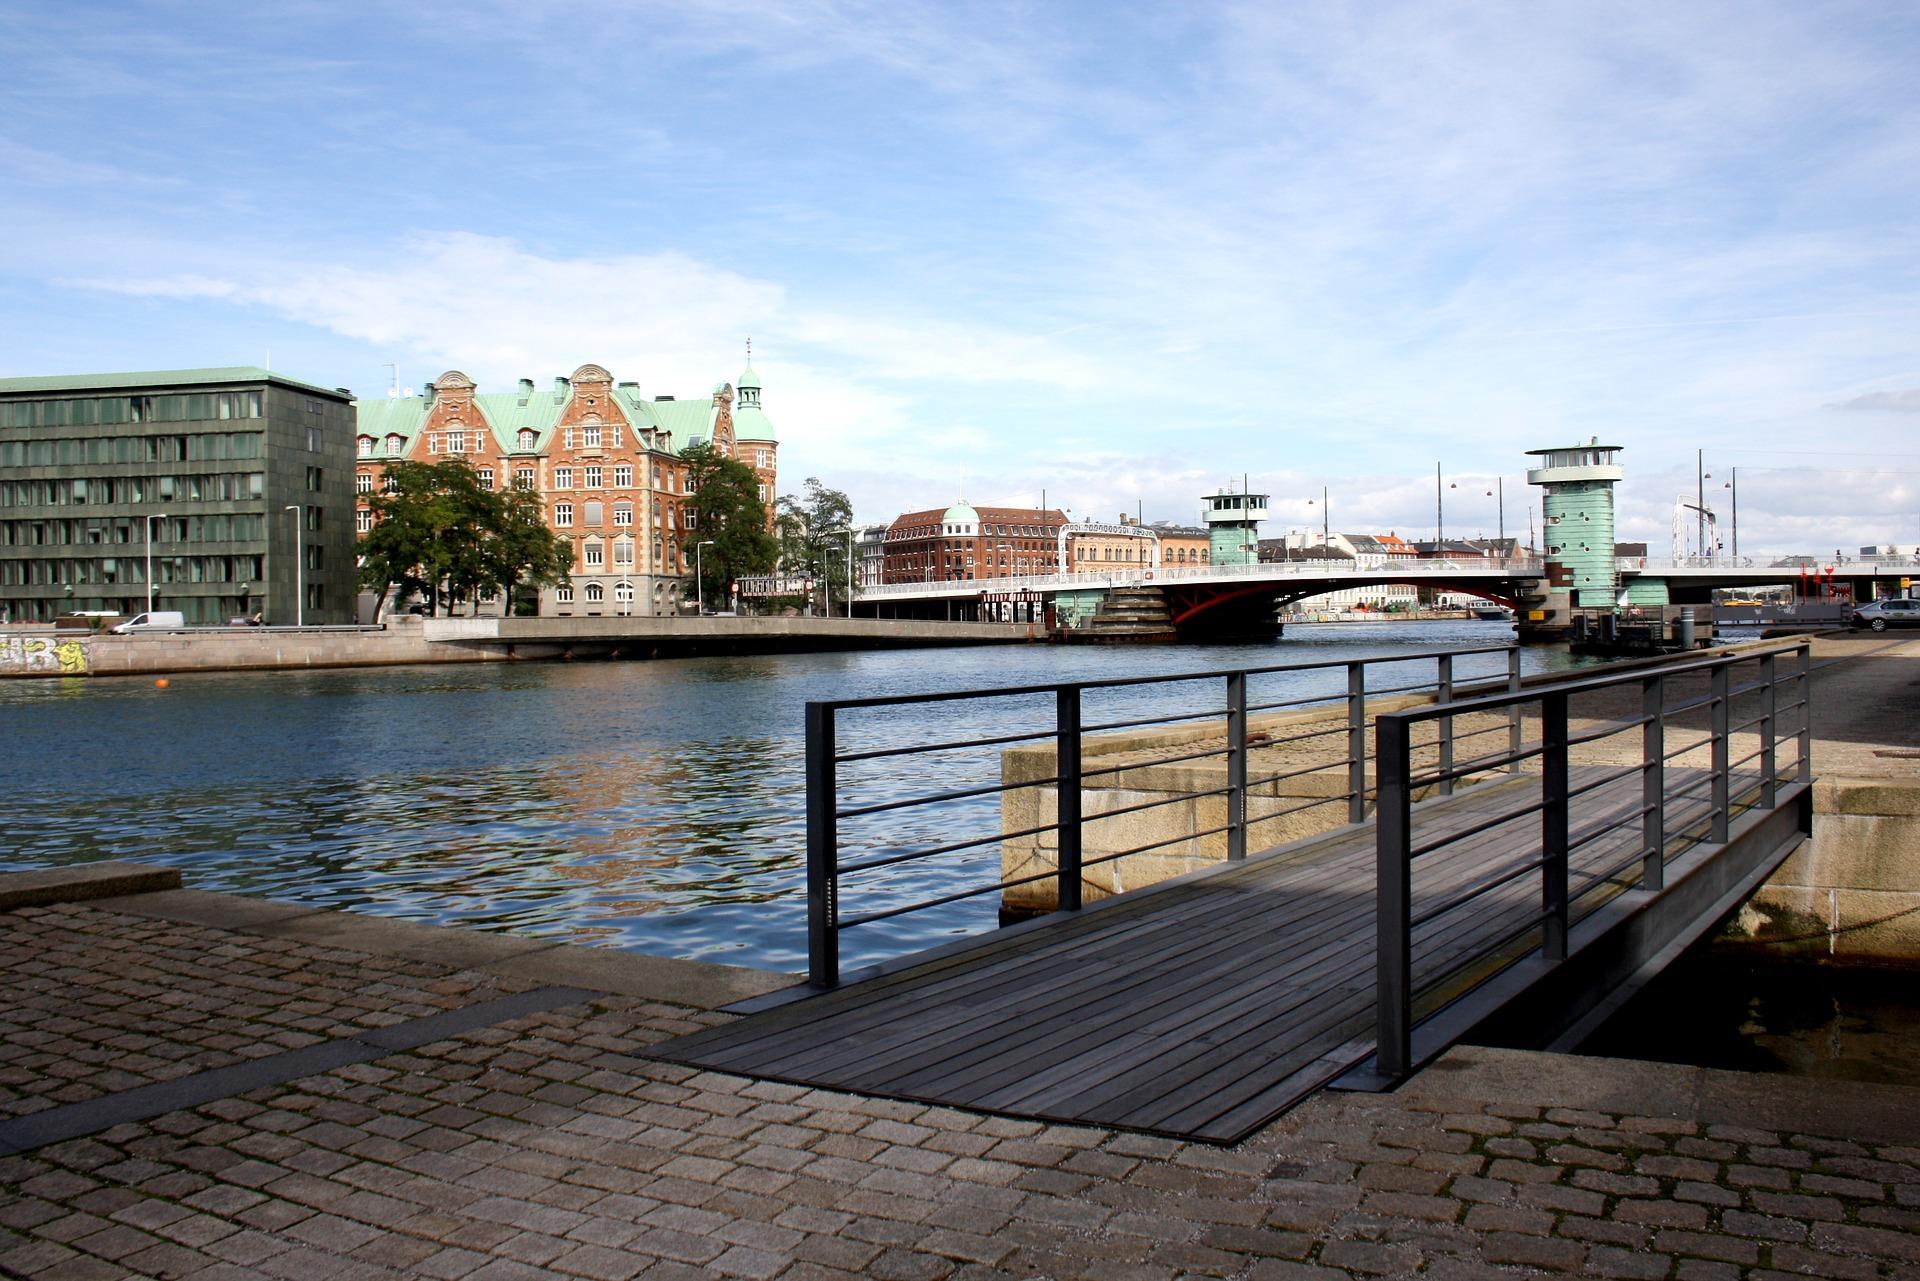 Danemark 5